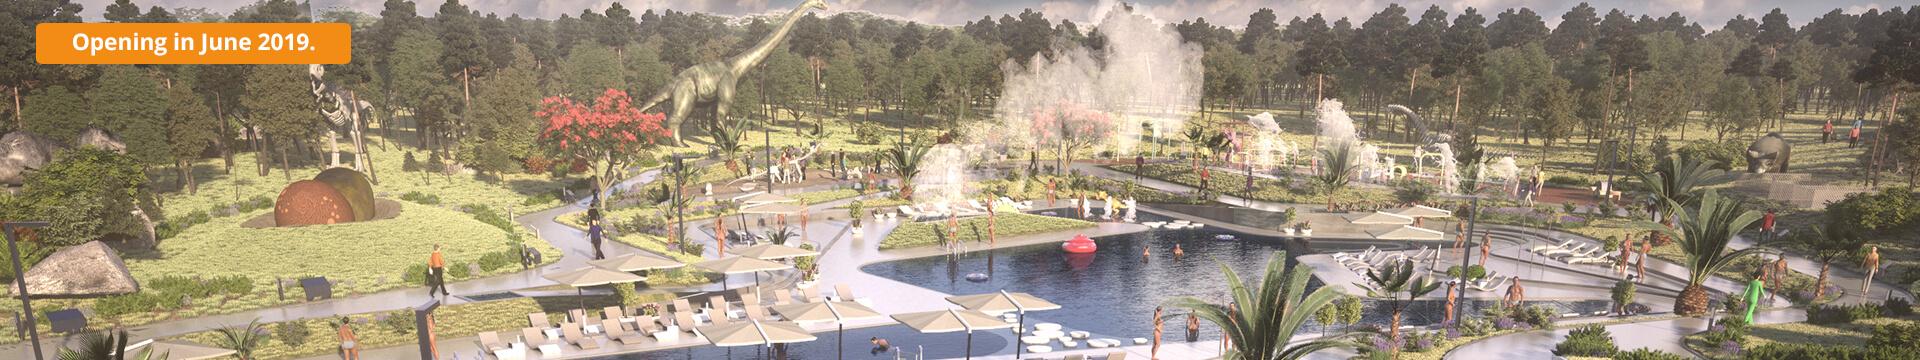 Nove mobilne kućice, vodeni parkovi, bazenski kompleksi i prestižne nagrade u kampovima u Istri